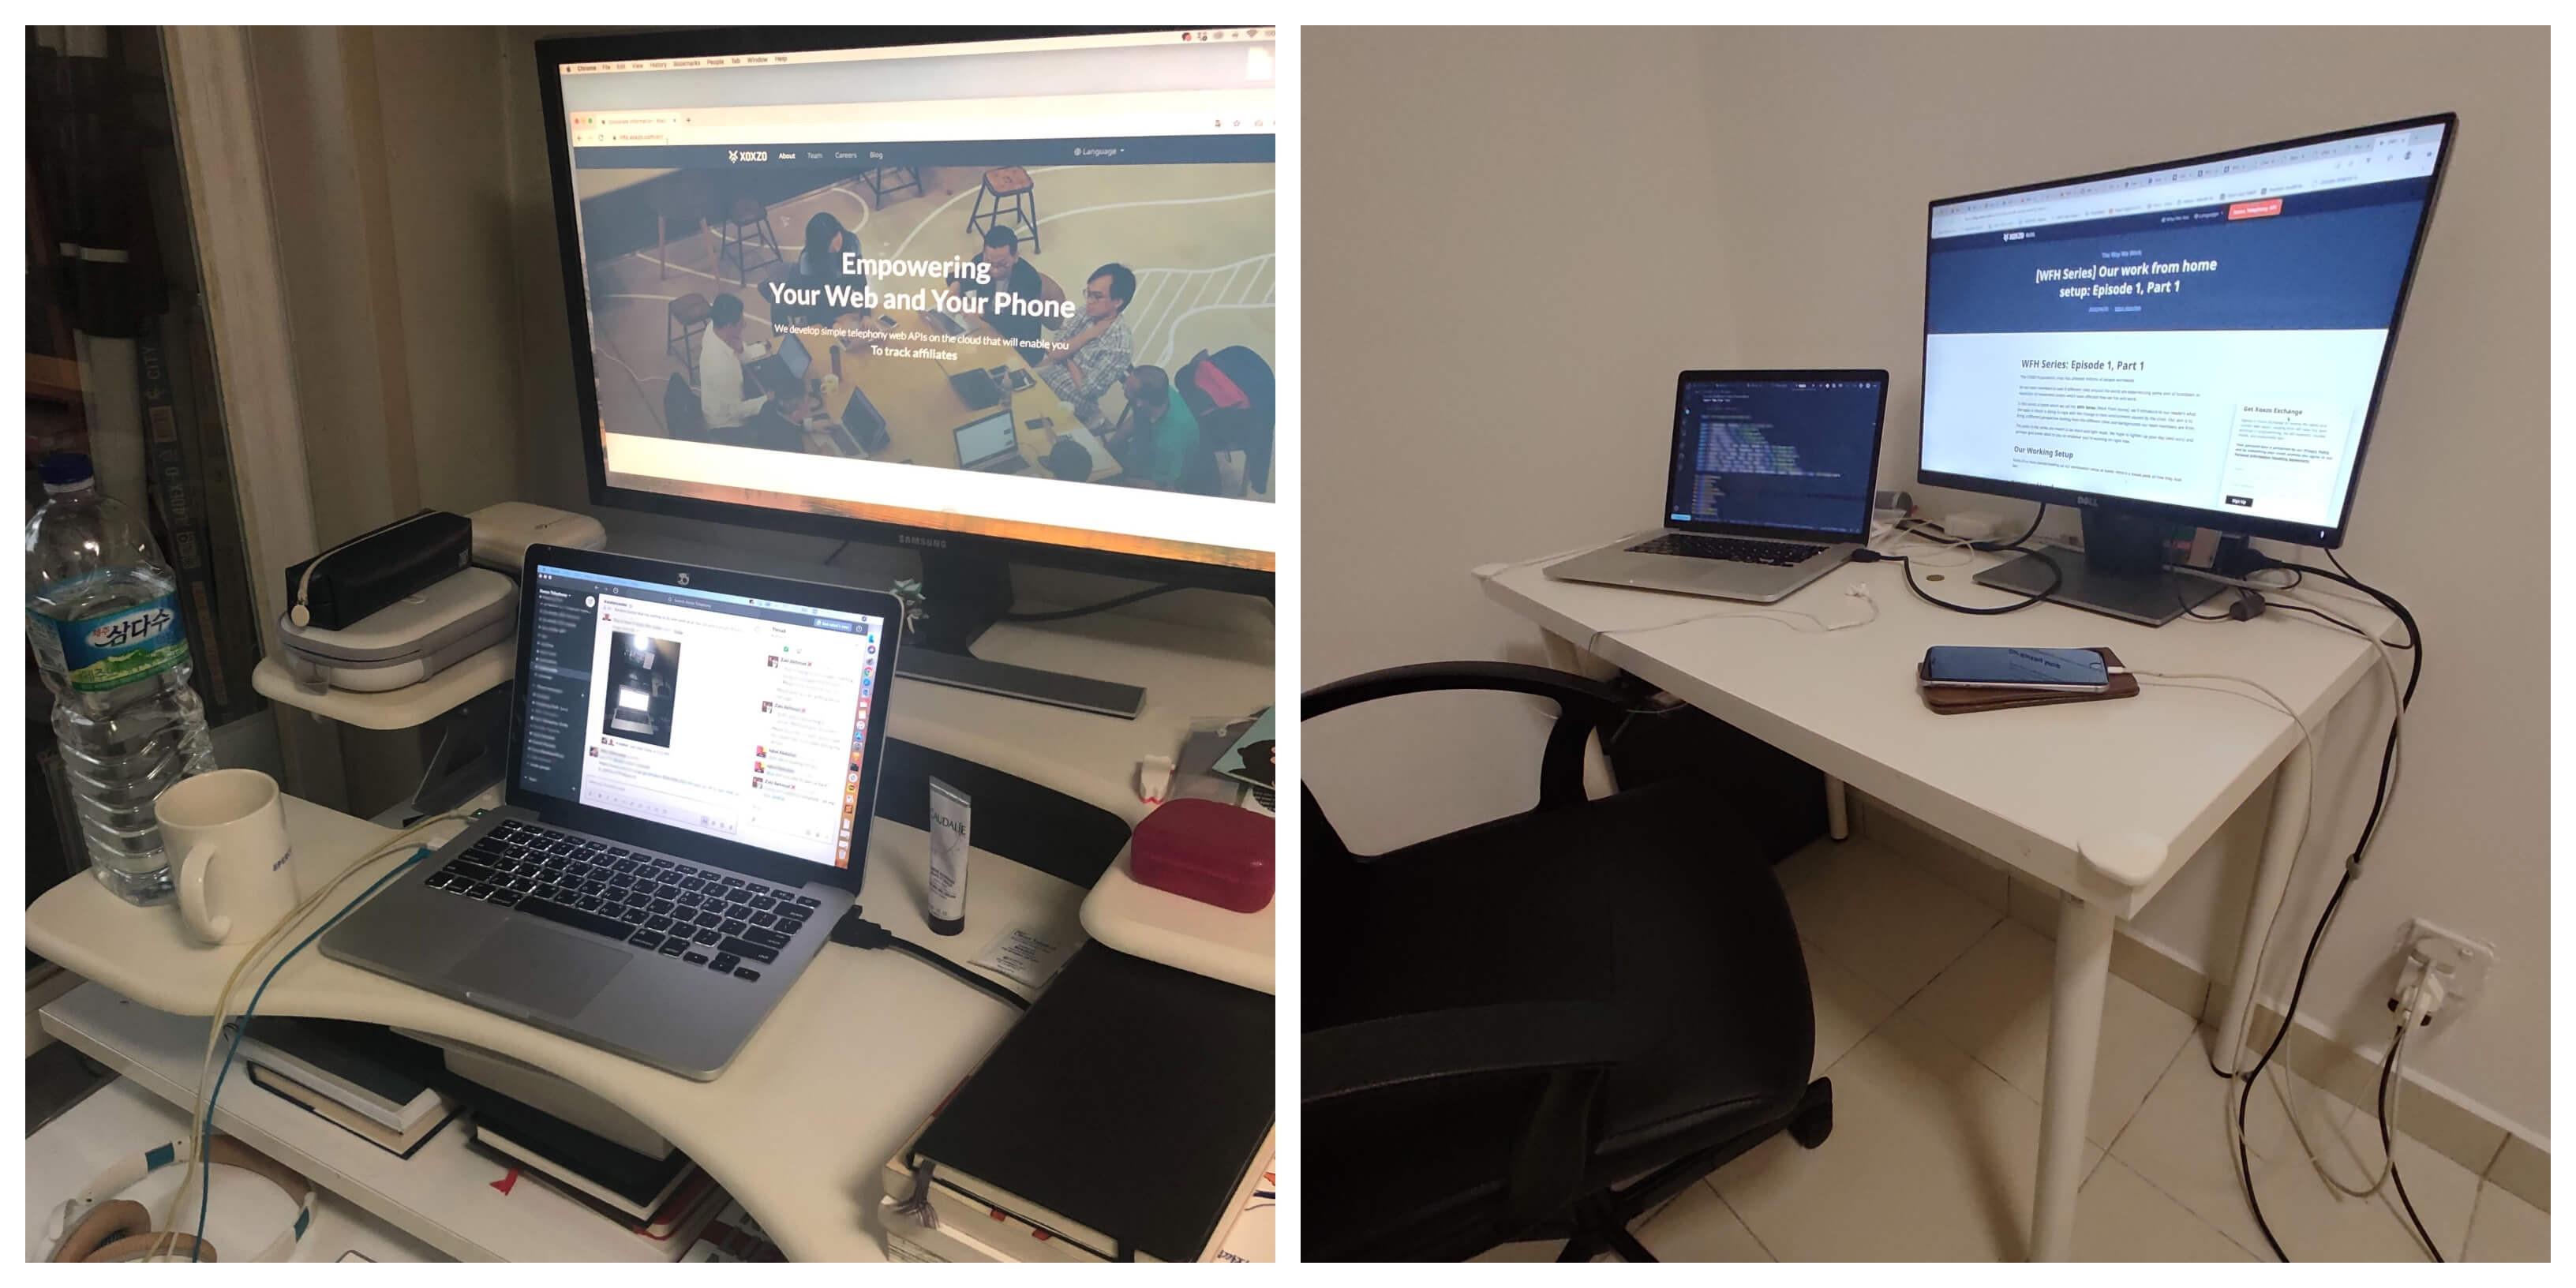 Jeong and Fathur's work setup